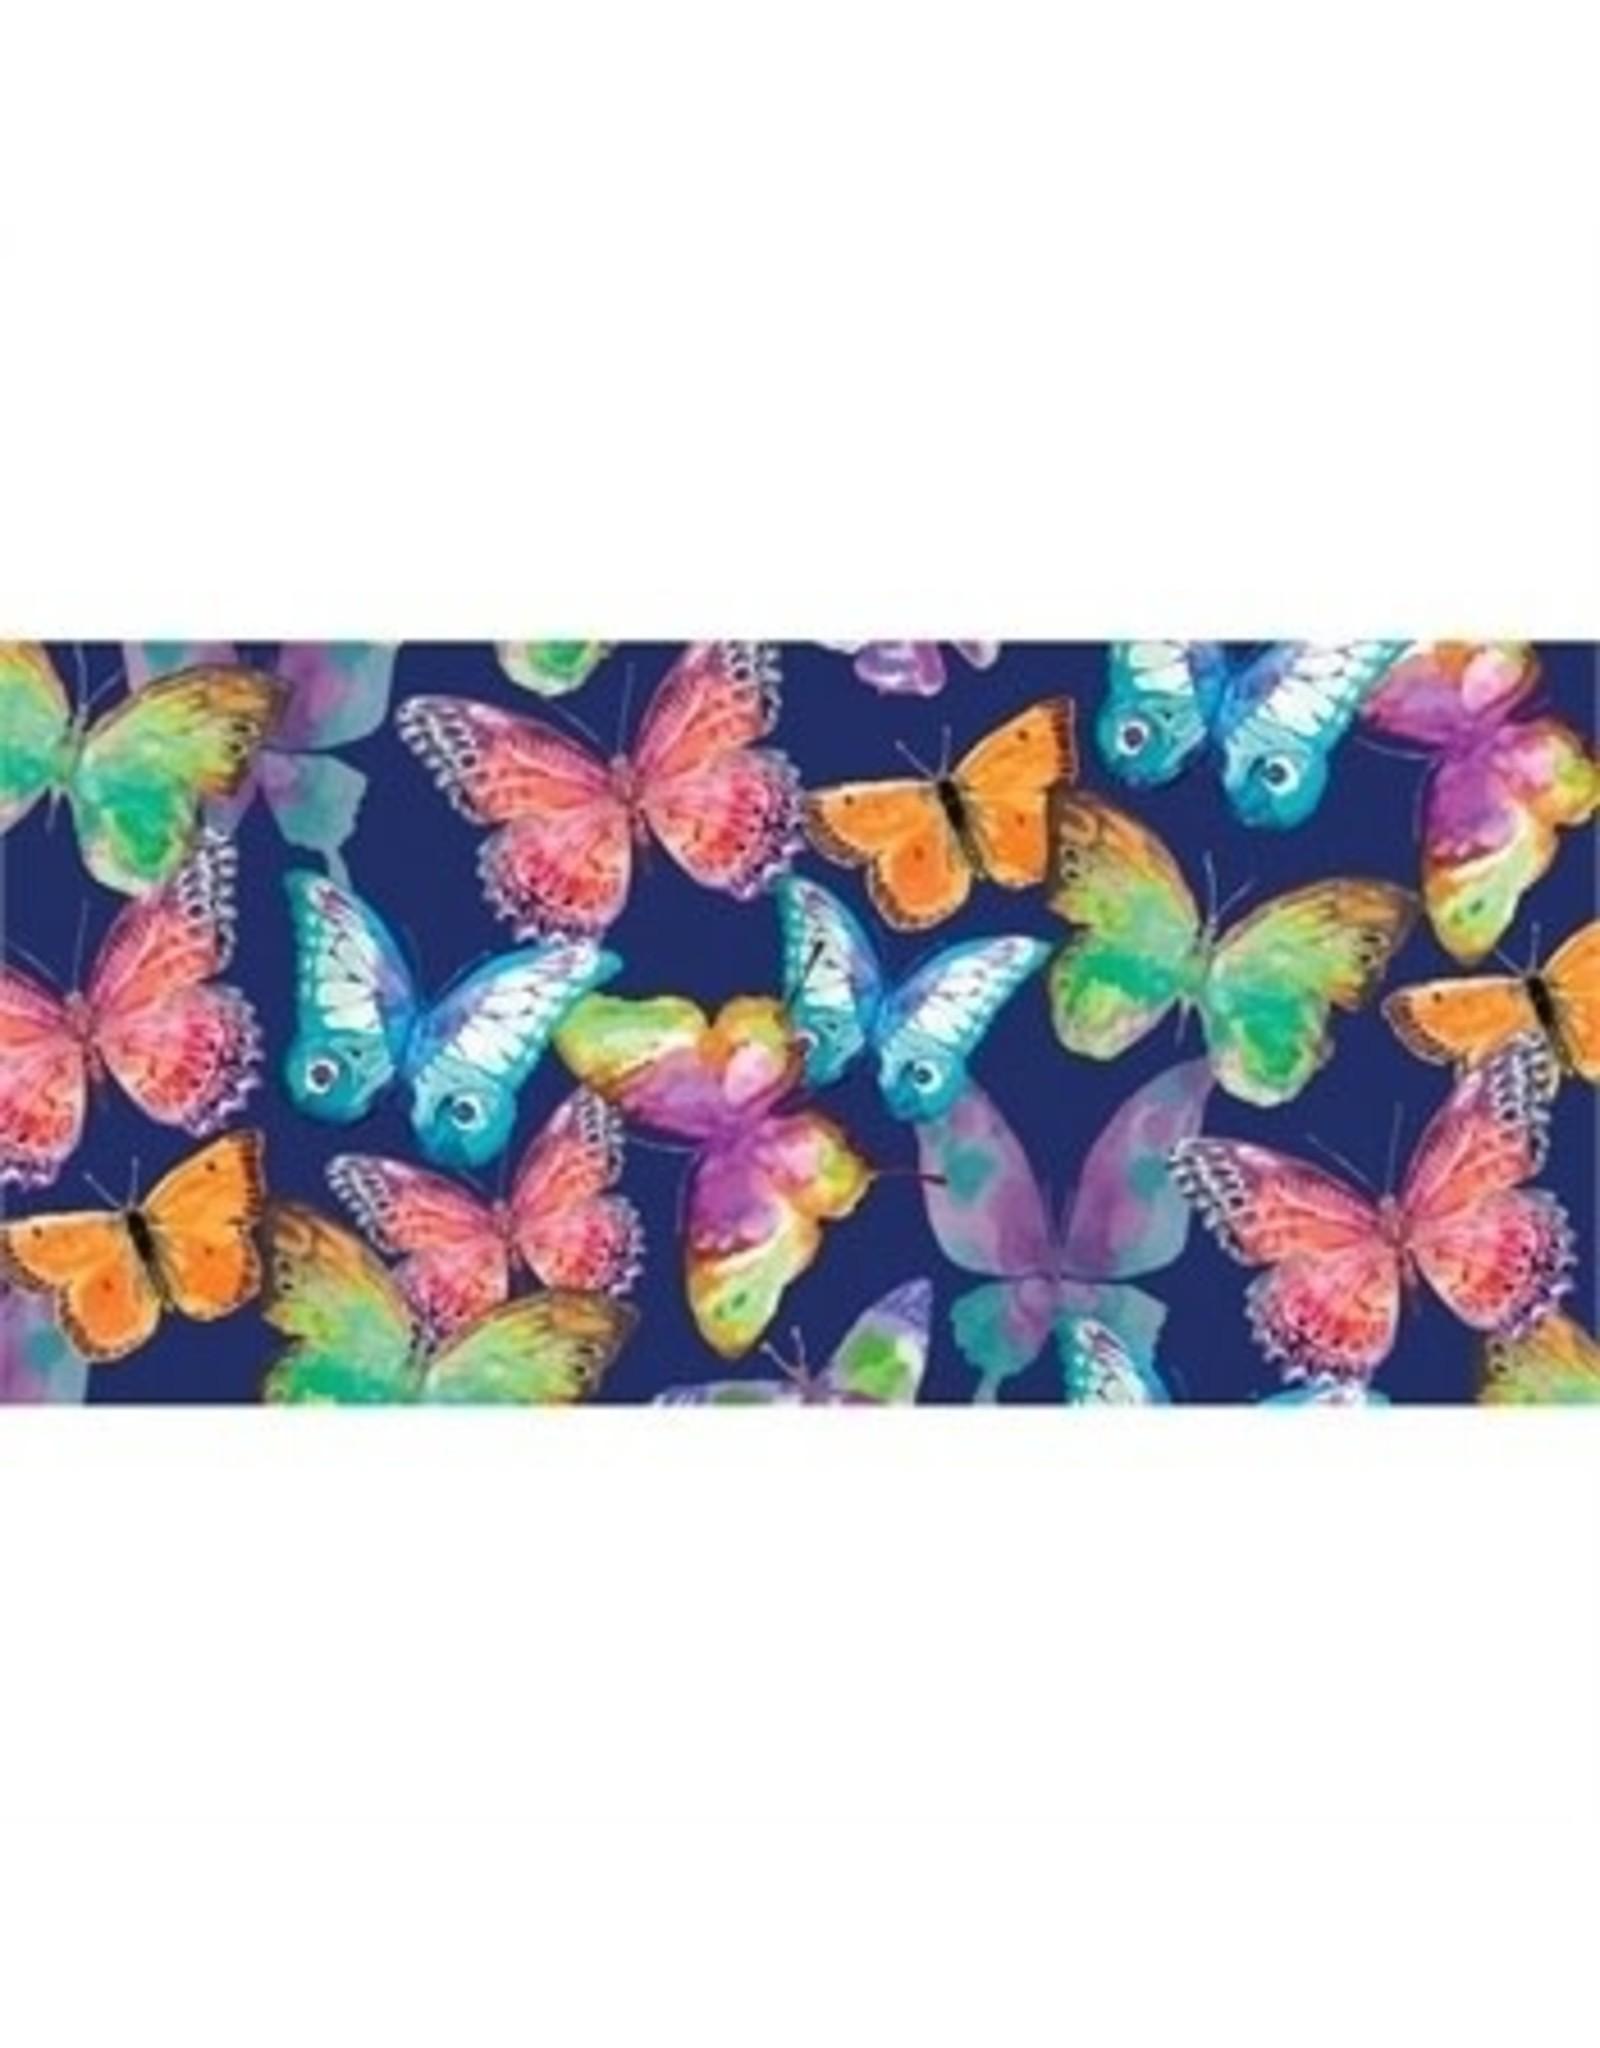 Evergreen Enterprises Brilliant Butterflies Sassafras Switch Mat